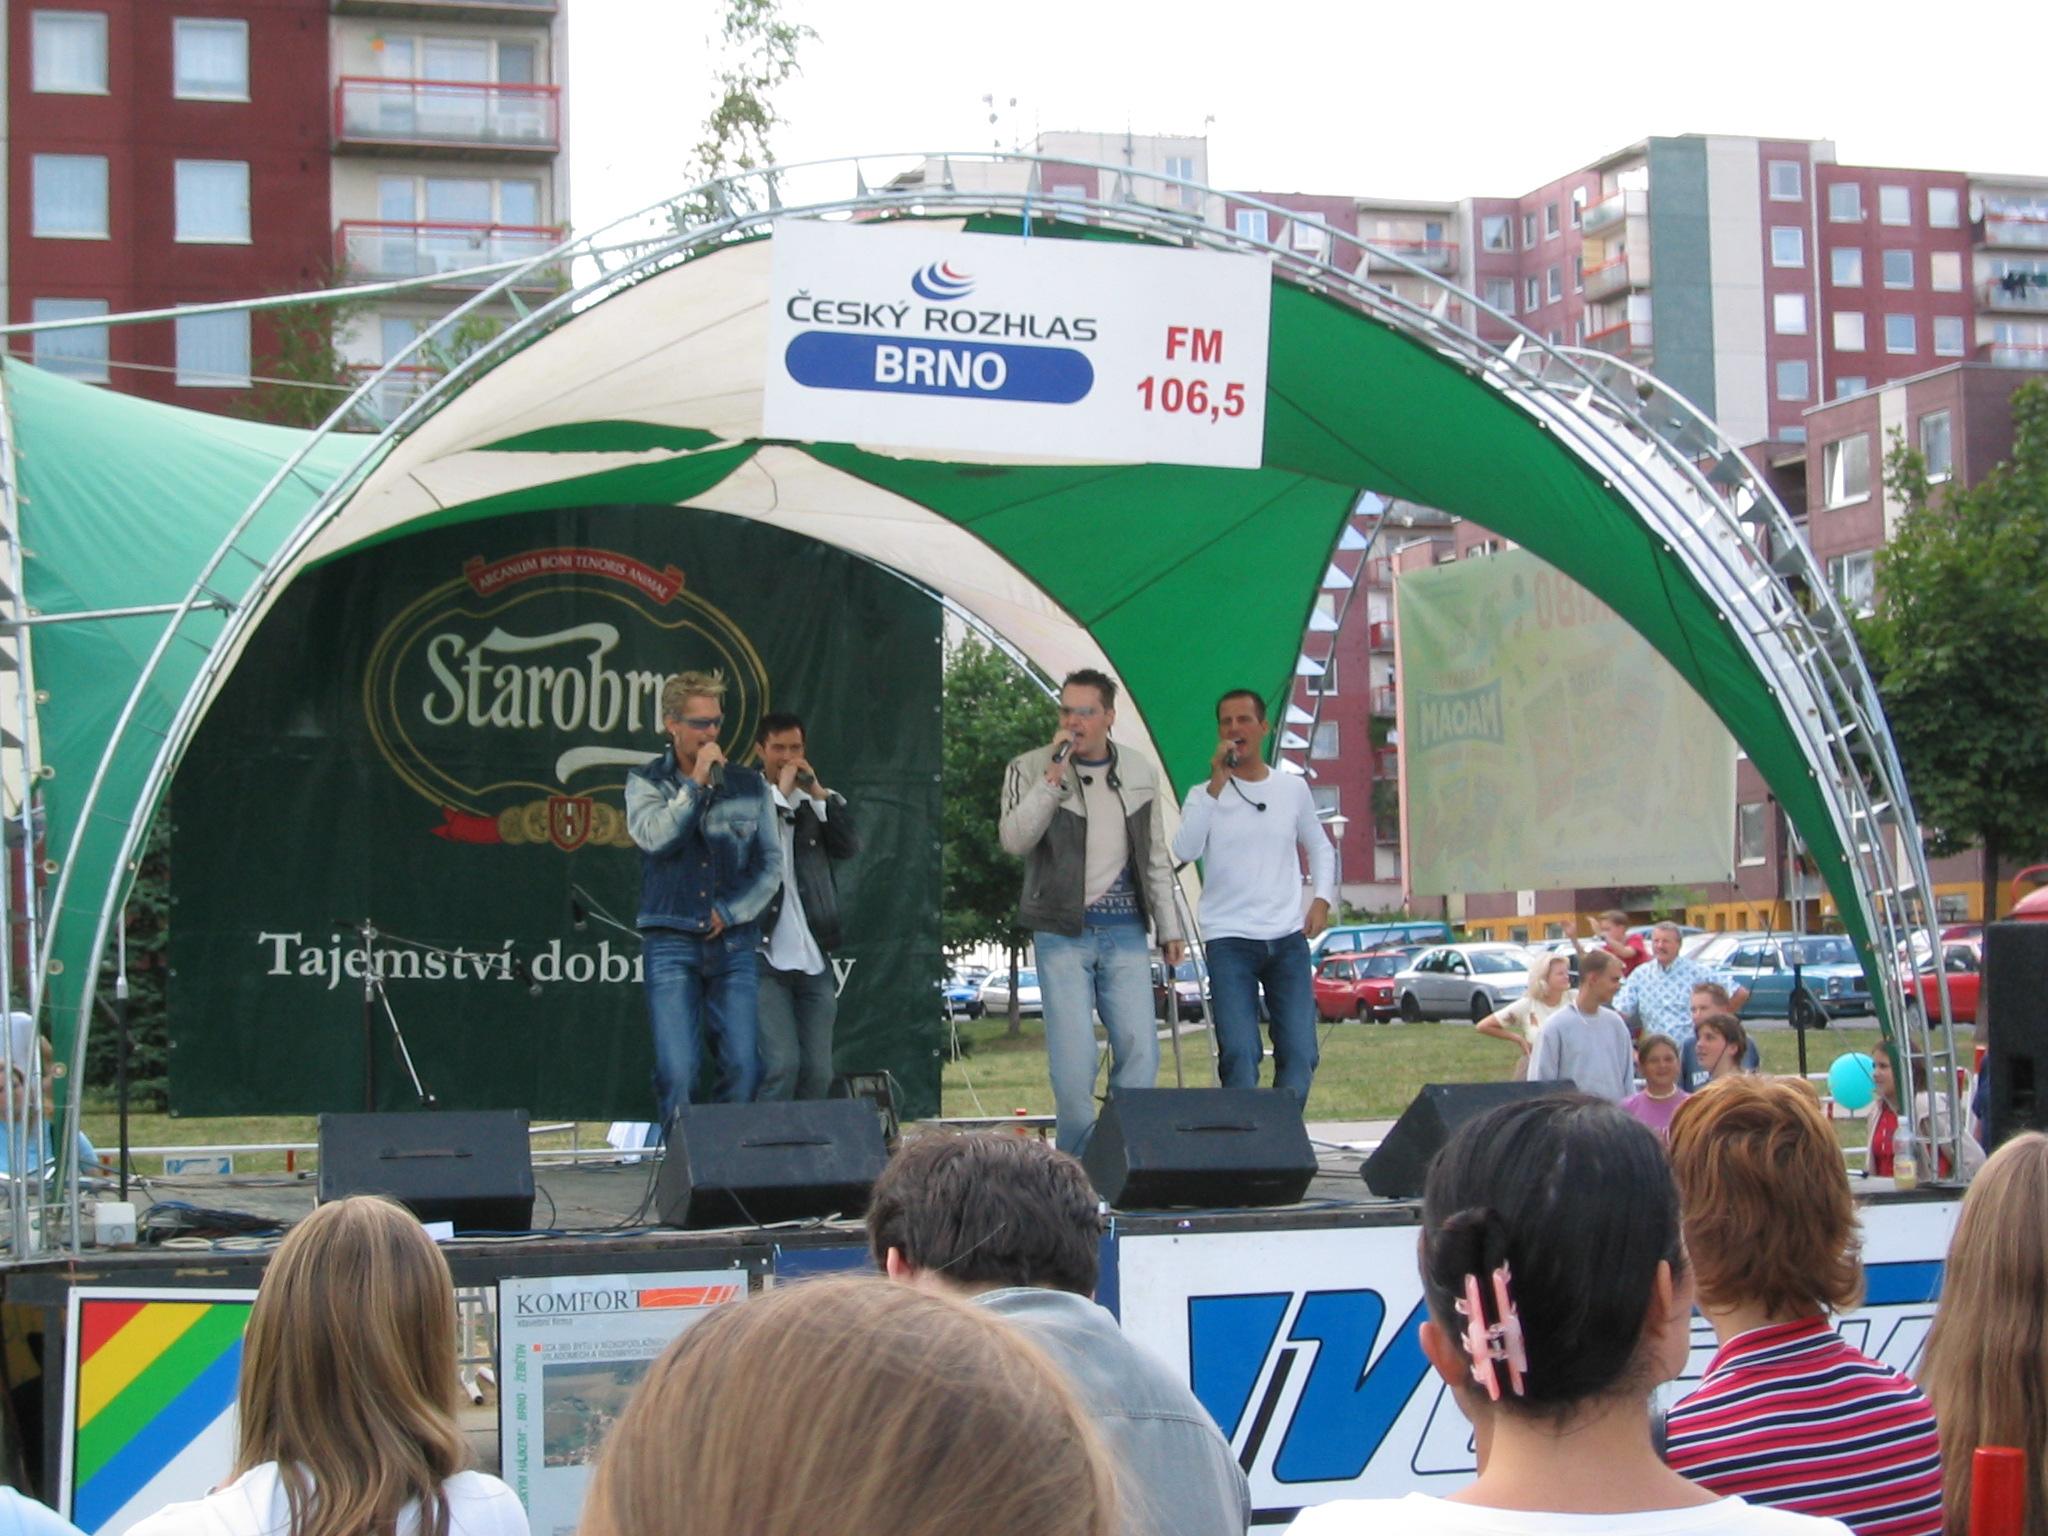 Přehled událostí 2003